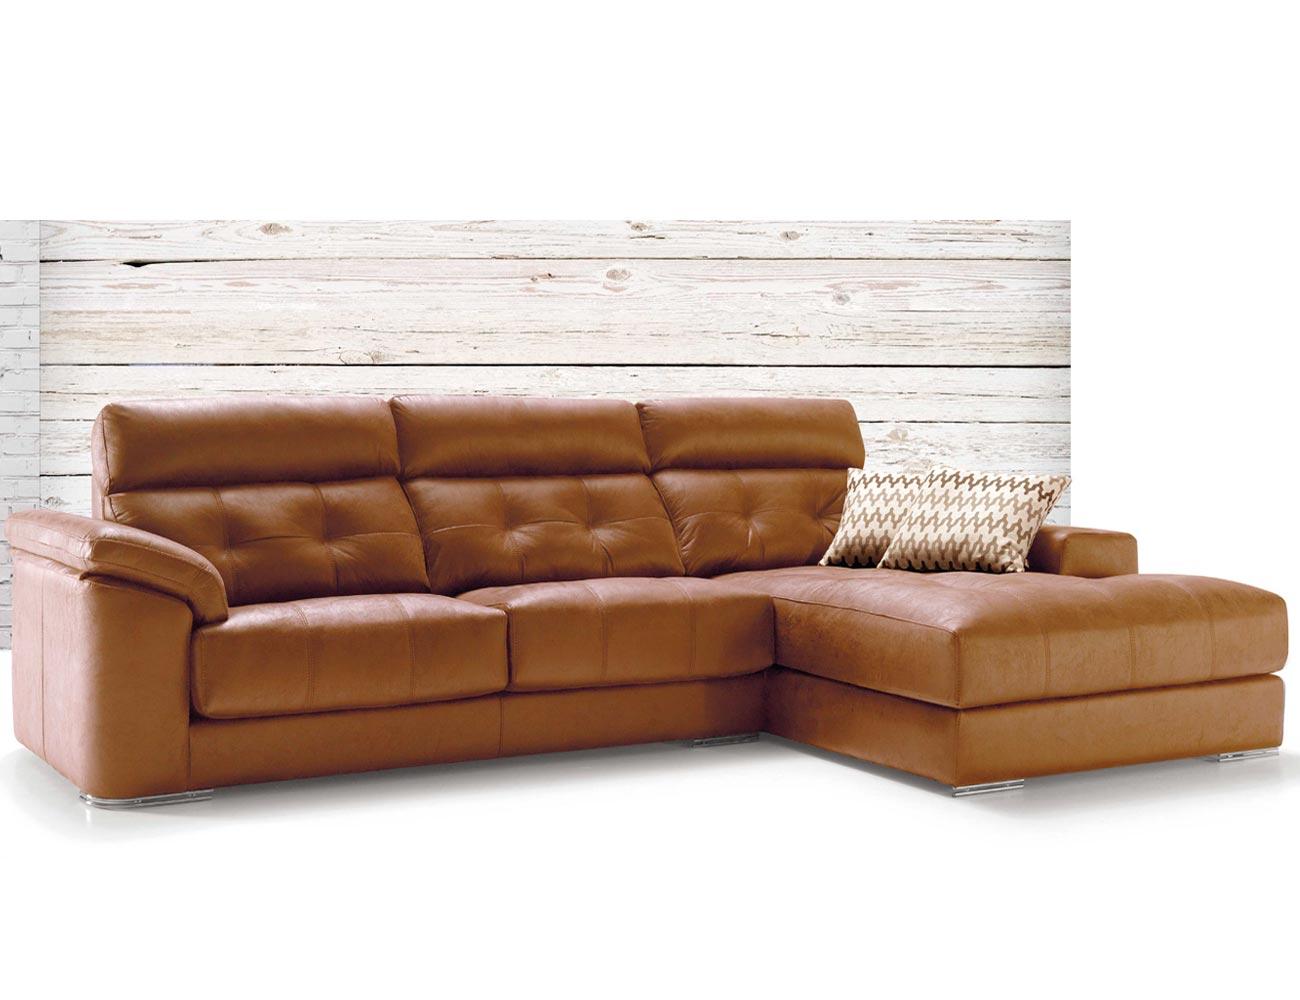 Sof paula de divani star 21767 factory del mueble utrera - Factory del sofa sevilla ...